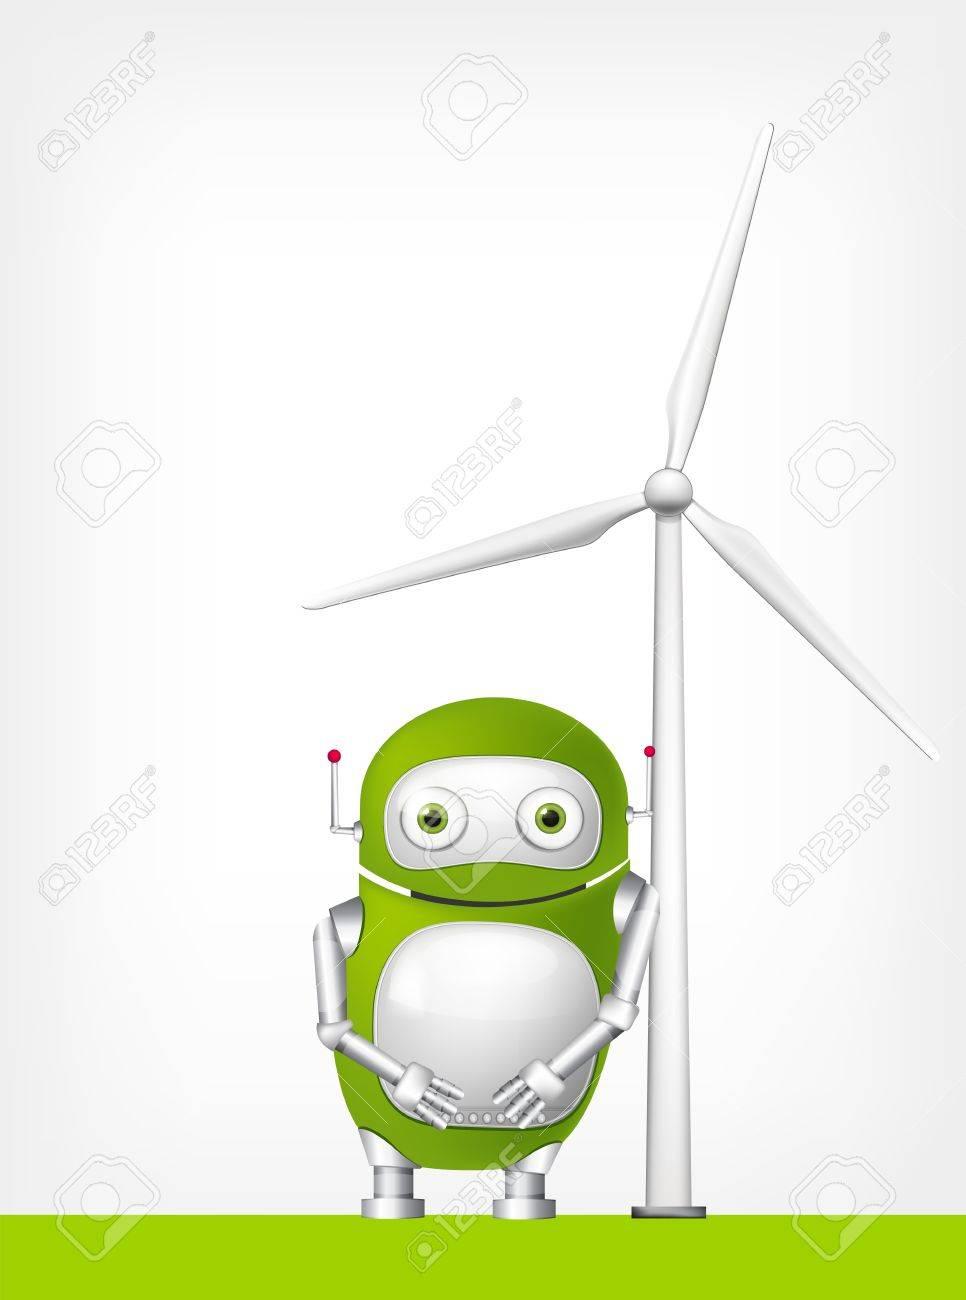 Green Robot Stock Vector - 20068520